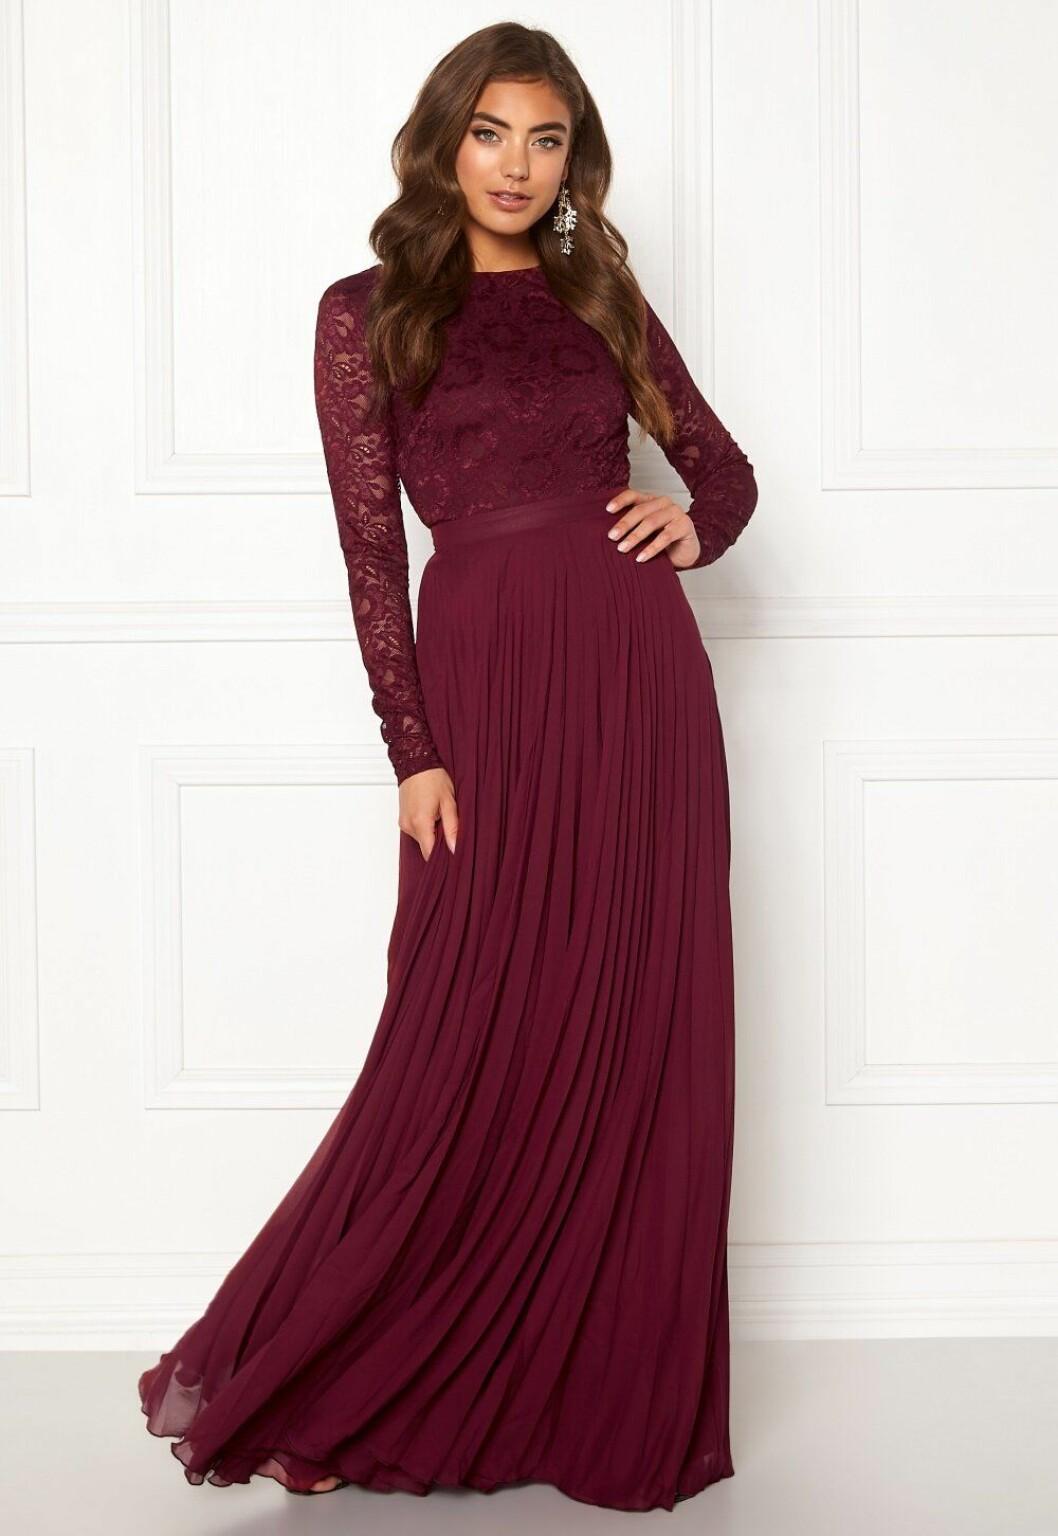 Vinröd klänning med lång ärm i spets till brudtärnan